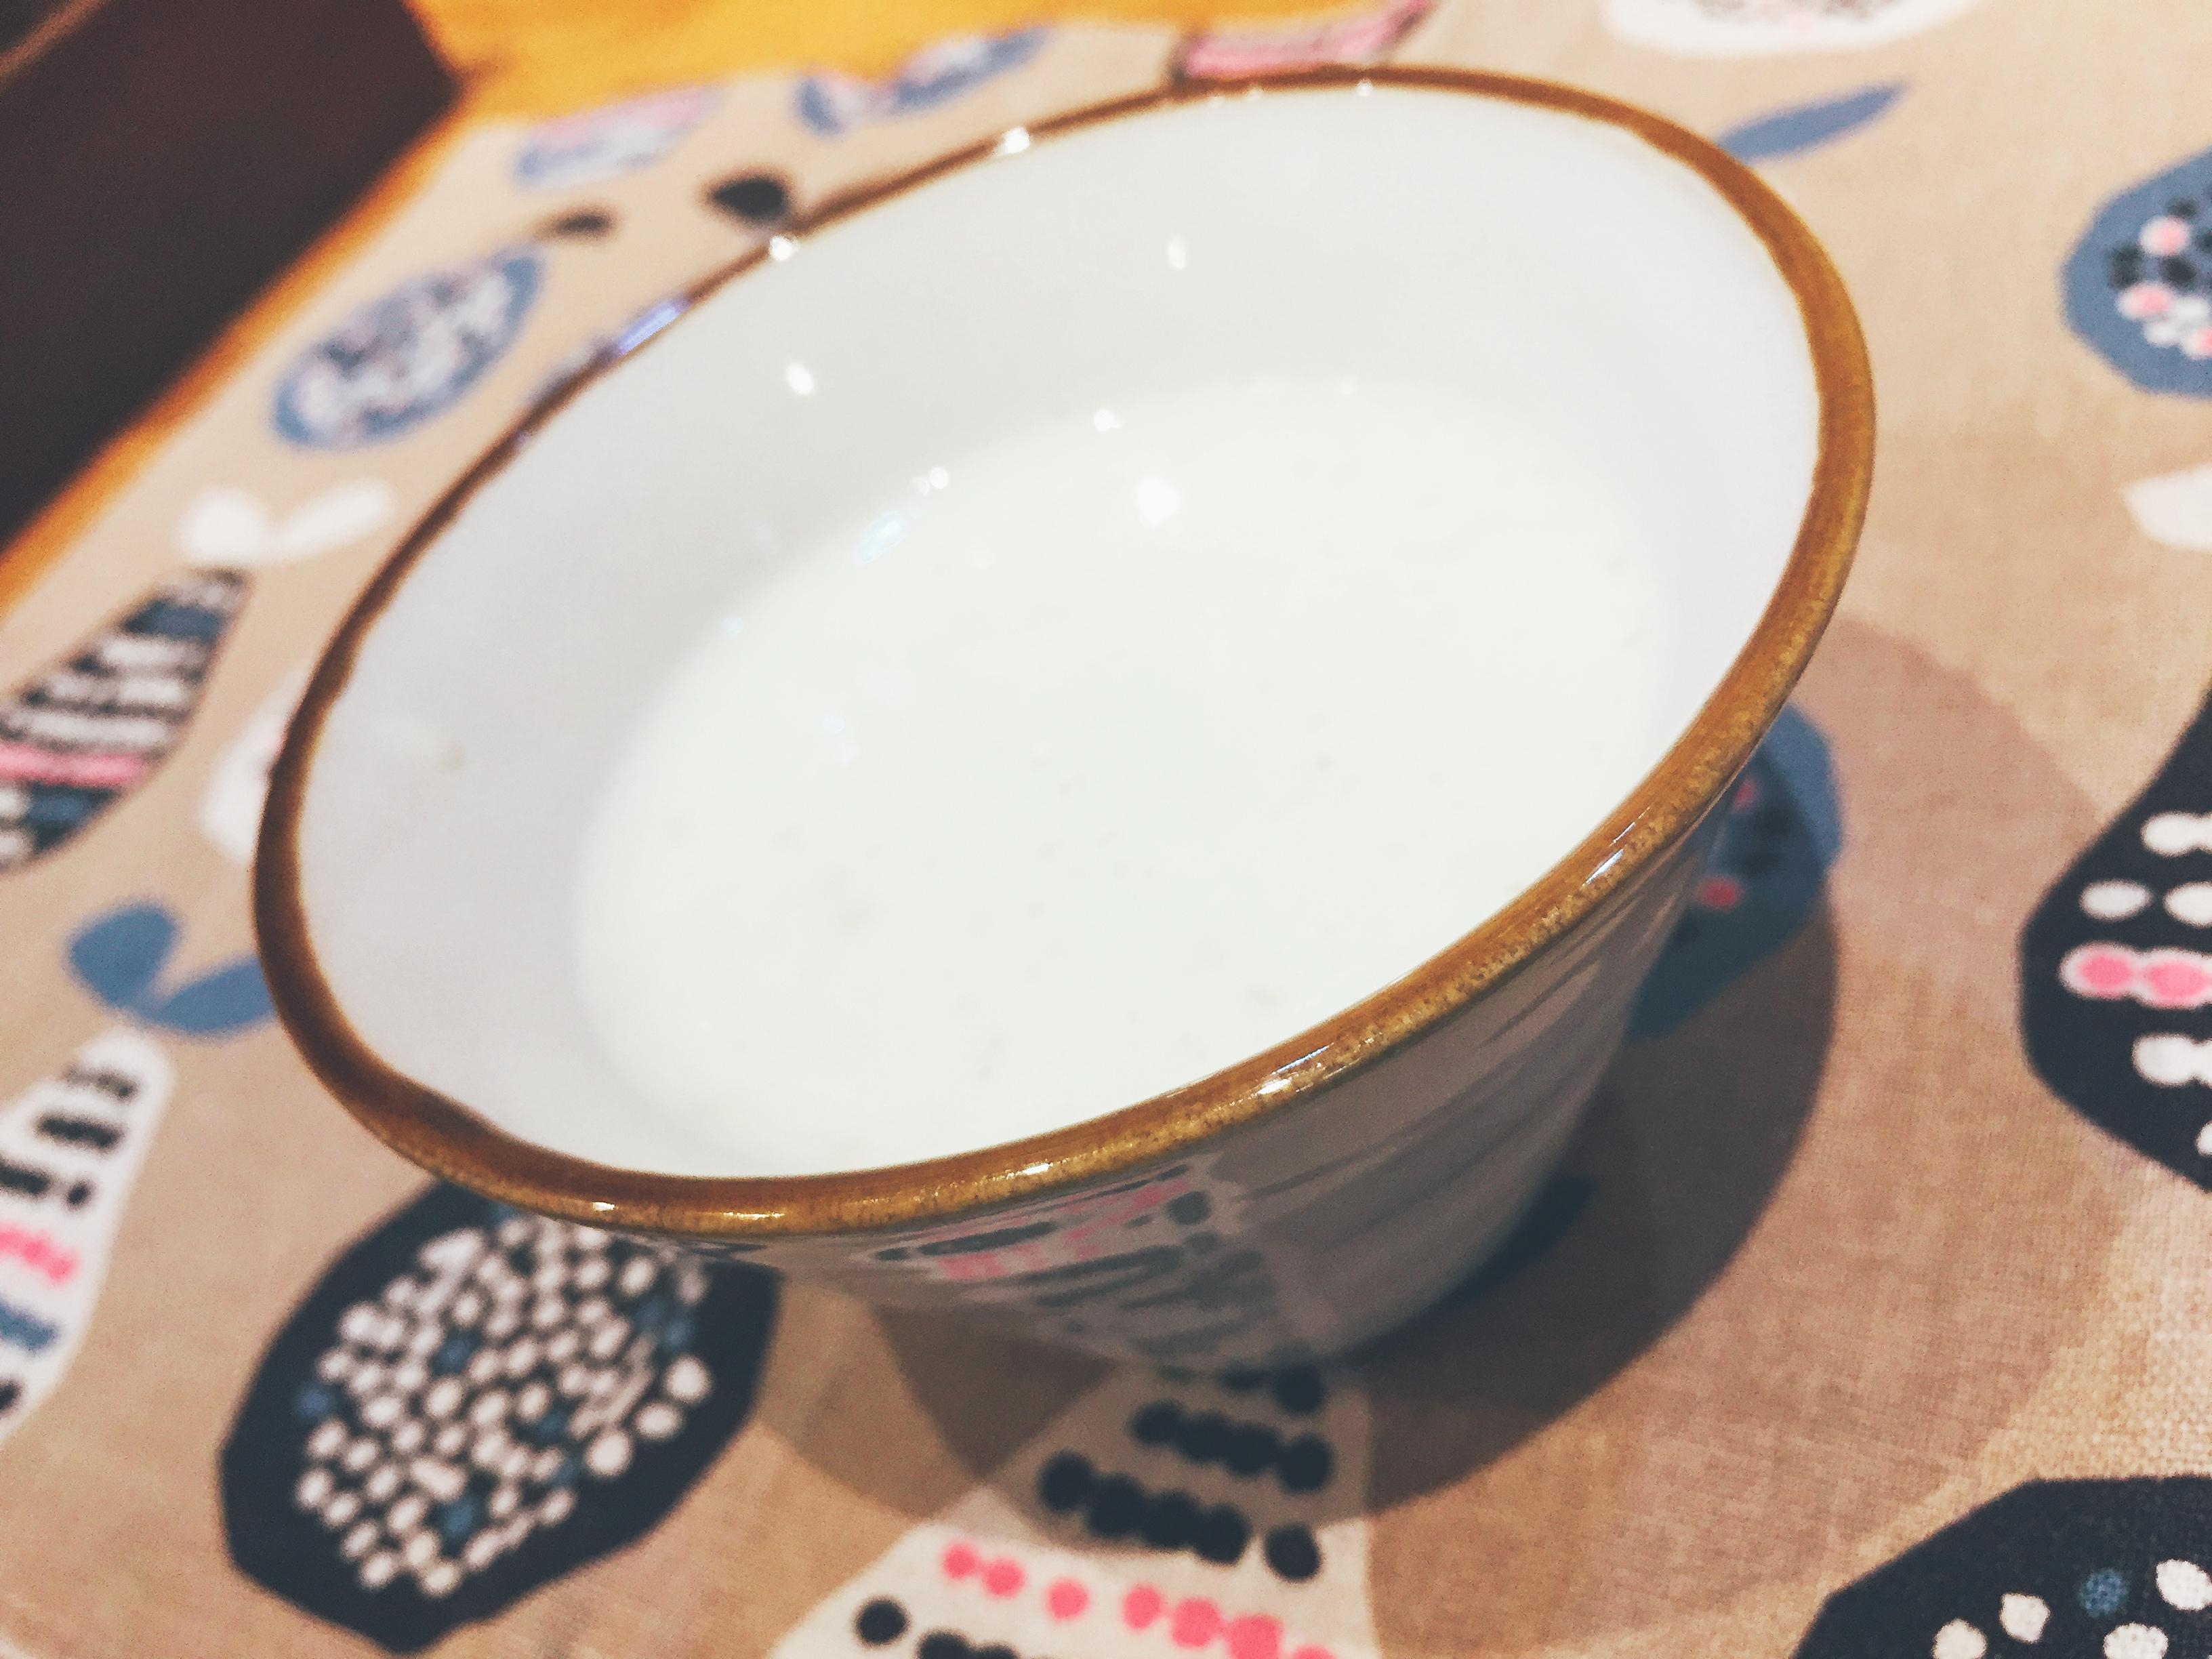 上前津のかわいすぎる小さなカフェ「カフェ イチトニブンノイチ」に行ってきた - IMG 6620